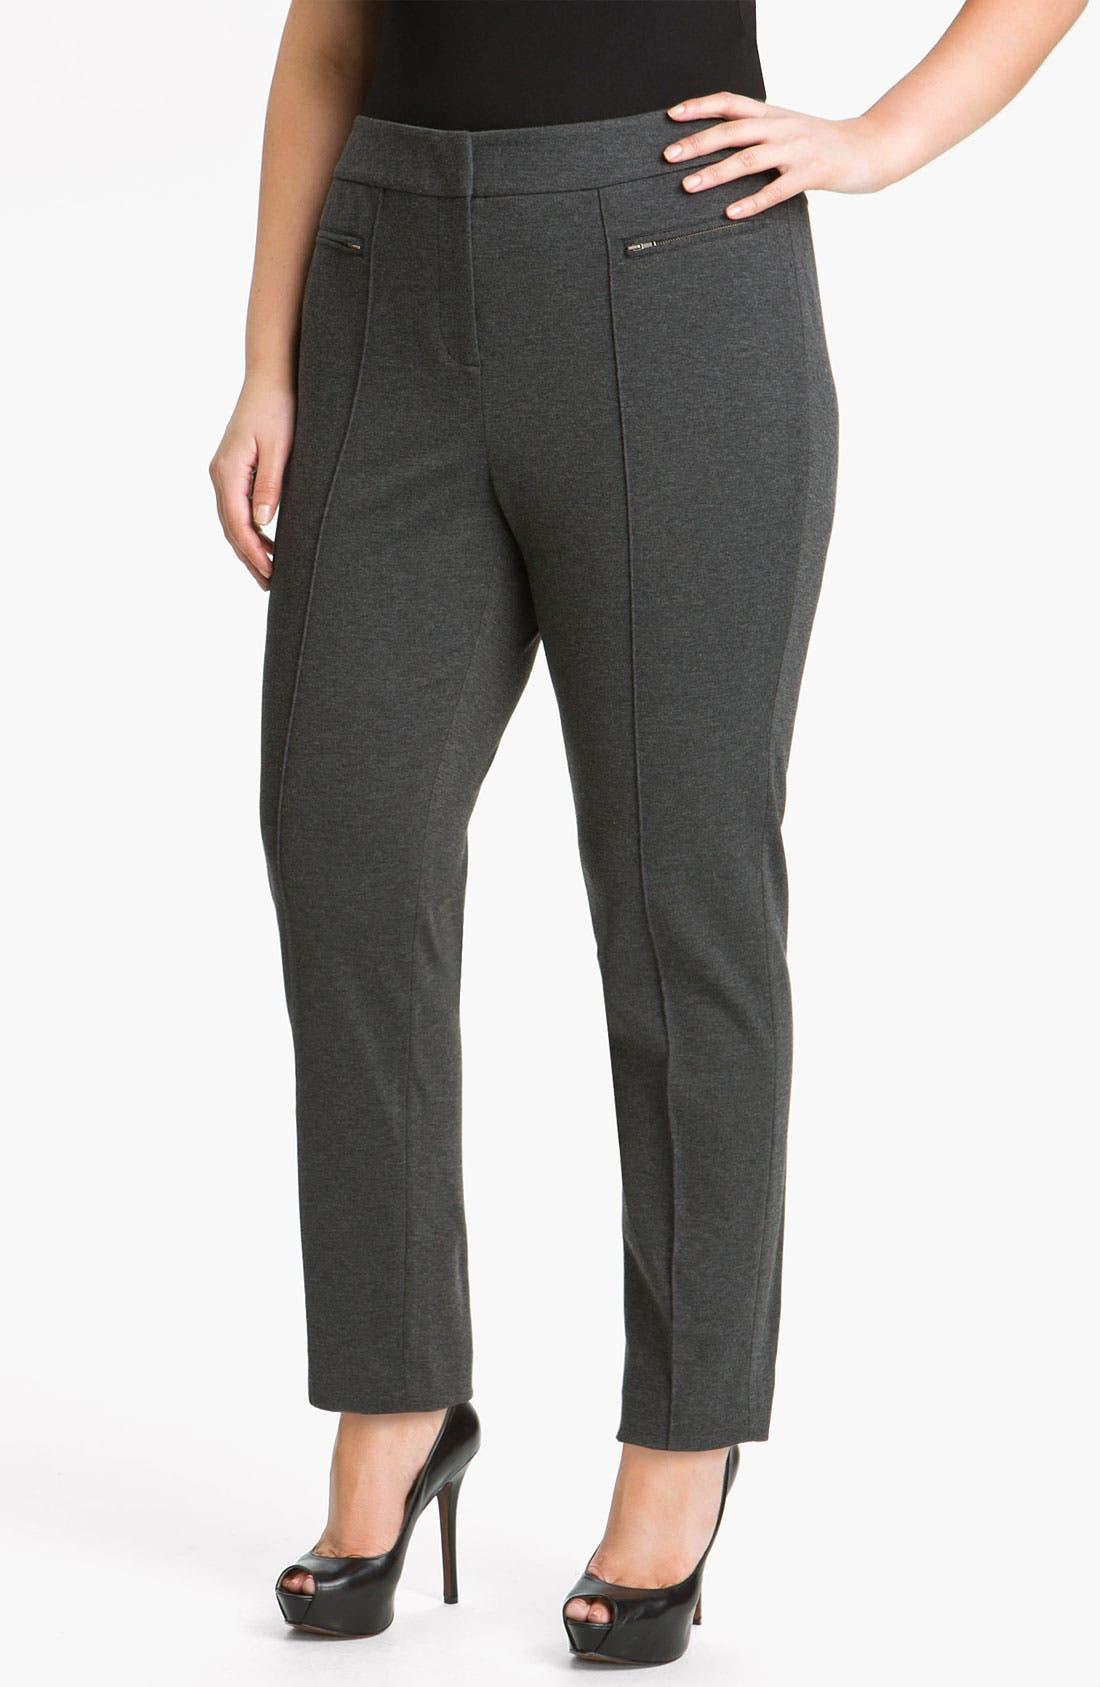 Alternate Image 1 Selected - Sejour Double Zip Pocket Ponte Pants (Plus)